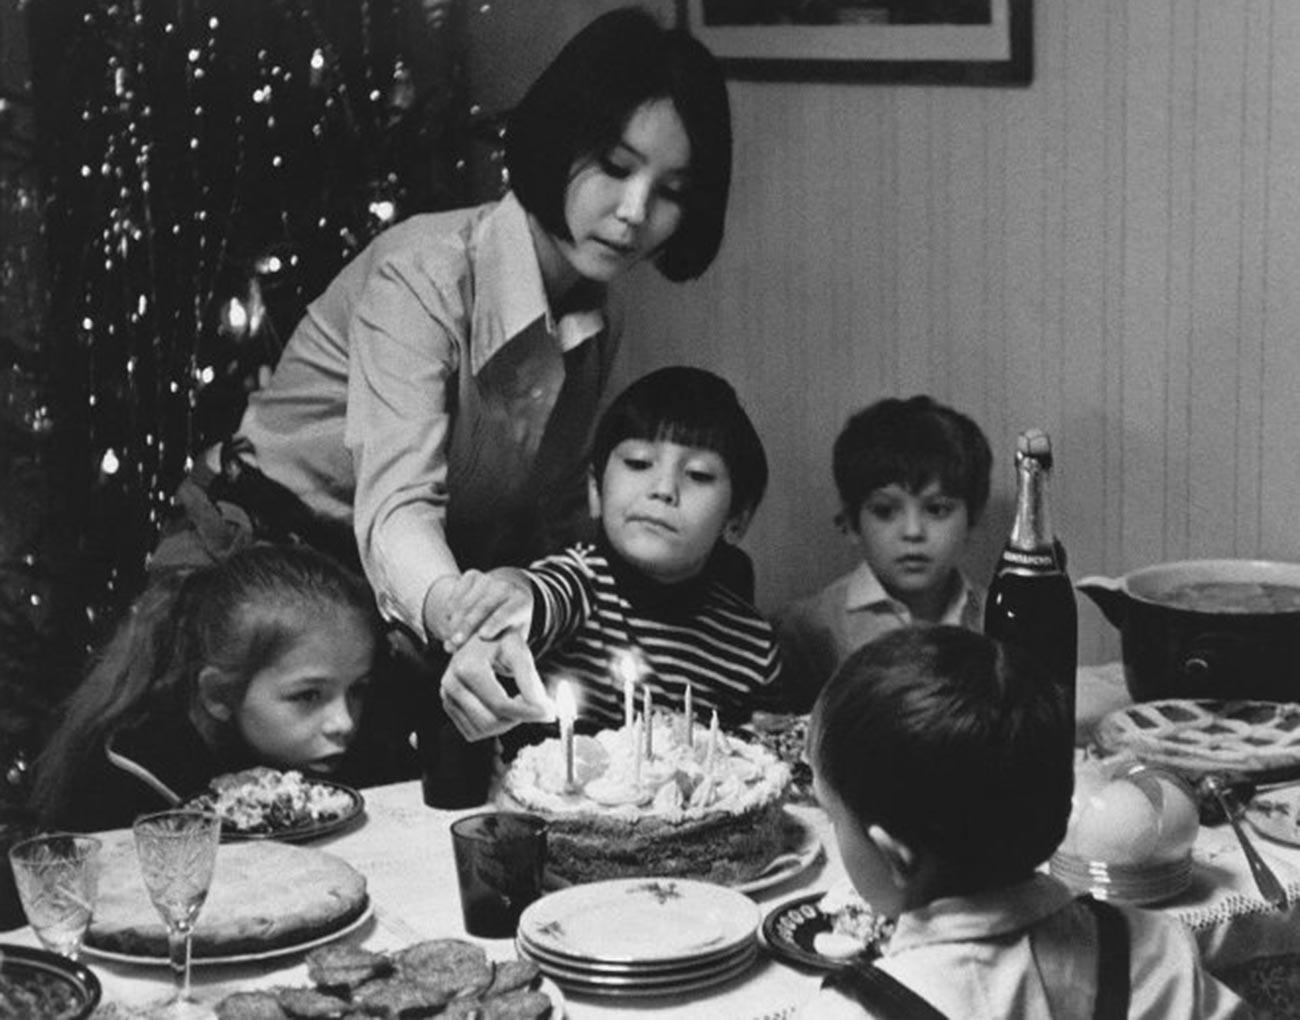 Рођенданска прослава будућег филмског редитеља Јегора Кончаловског 1972.